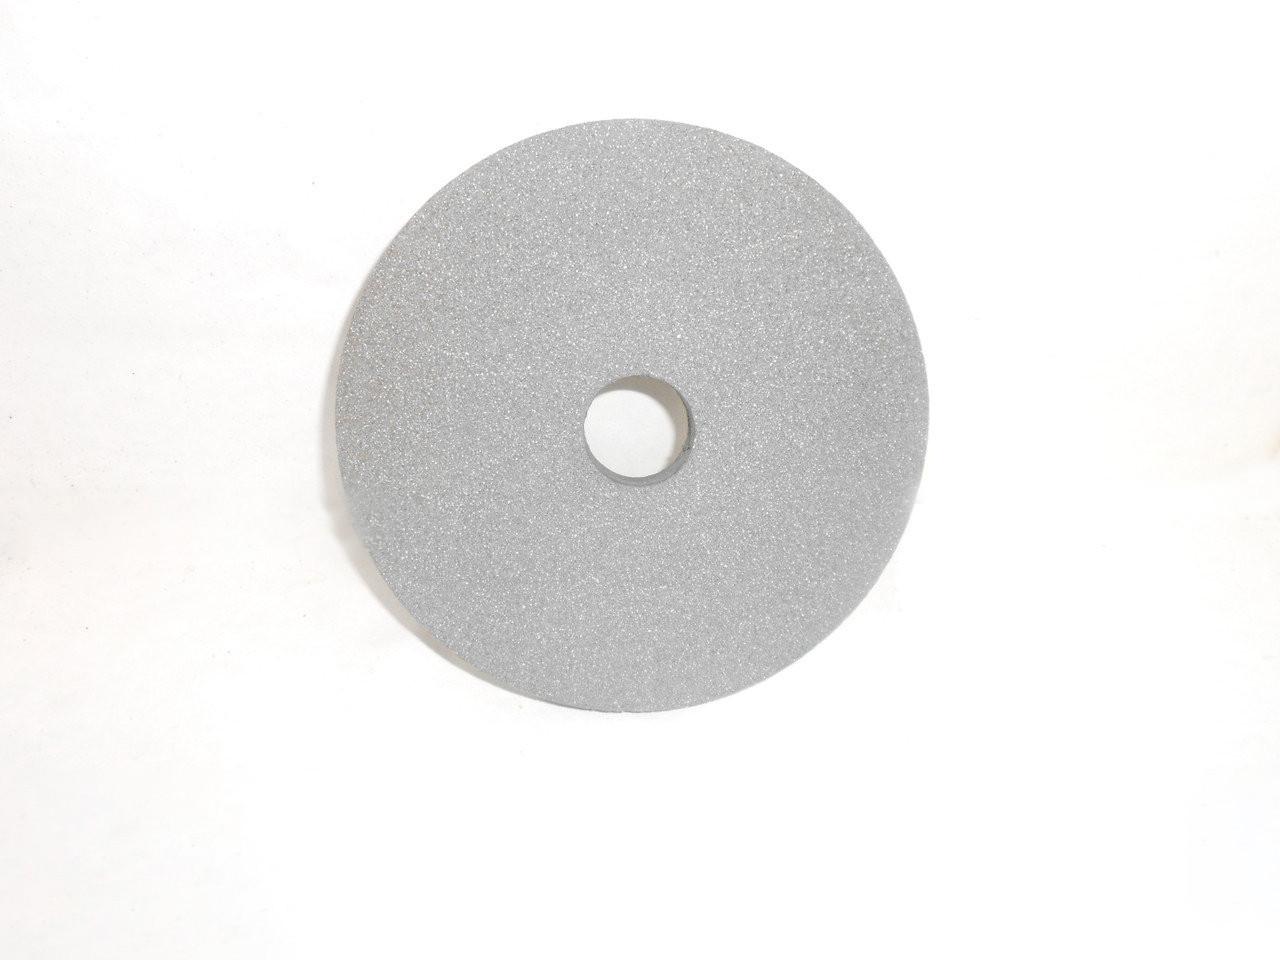 Круг шлифовальный 14А ПП 200х20х32  16-40 СМ-СТ